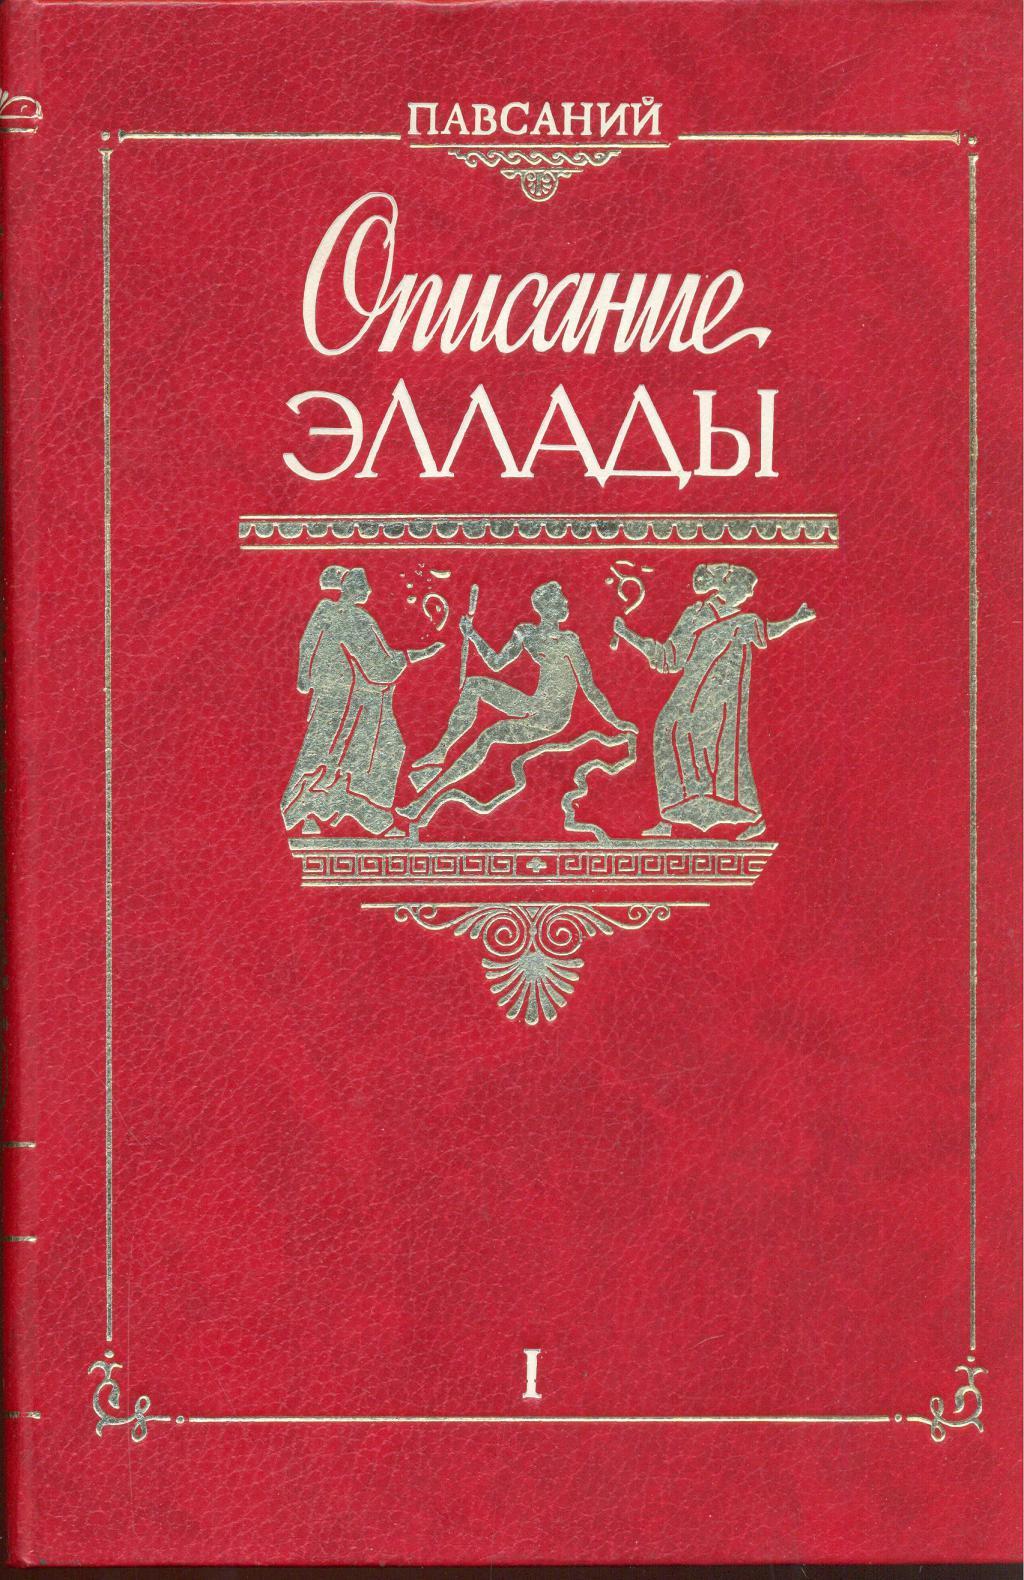 Описание Эллады в 2 тт (Ладомир)